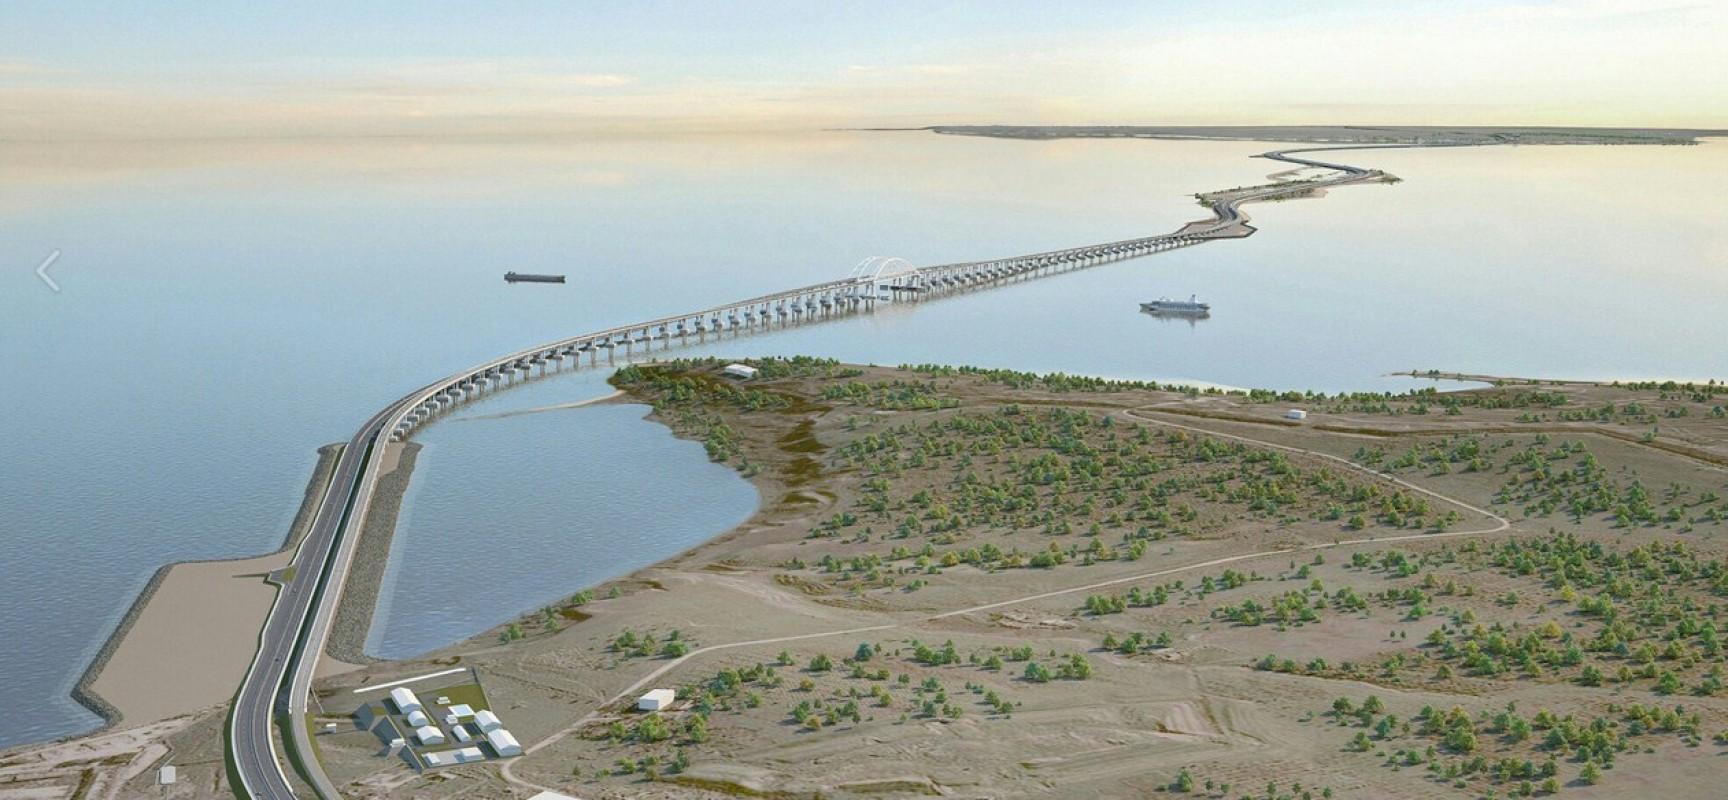 «СтройГазМонтаж» построит ж/д подходы к Керченскому мосту за 17 млрд. рублей